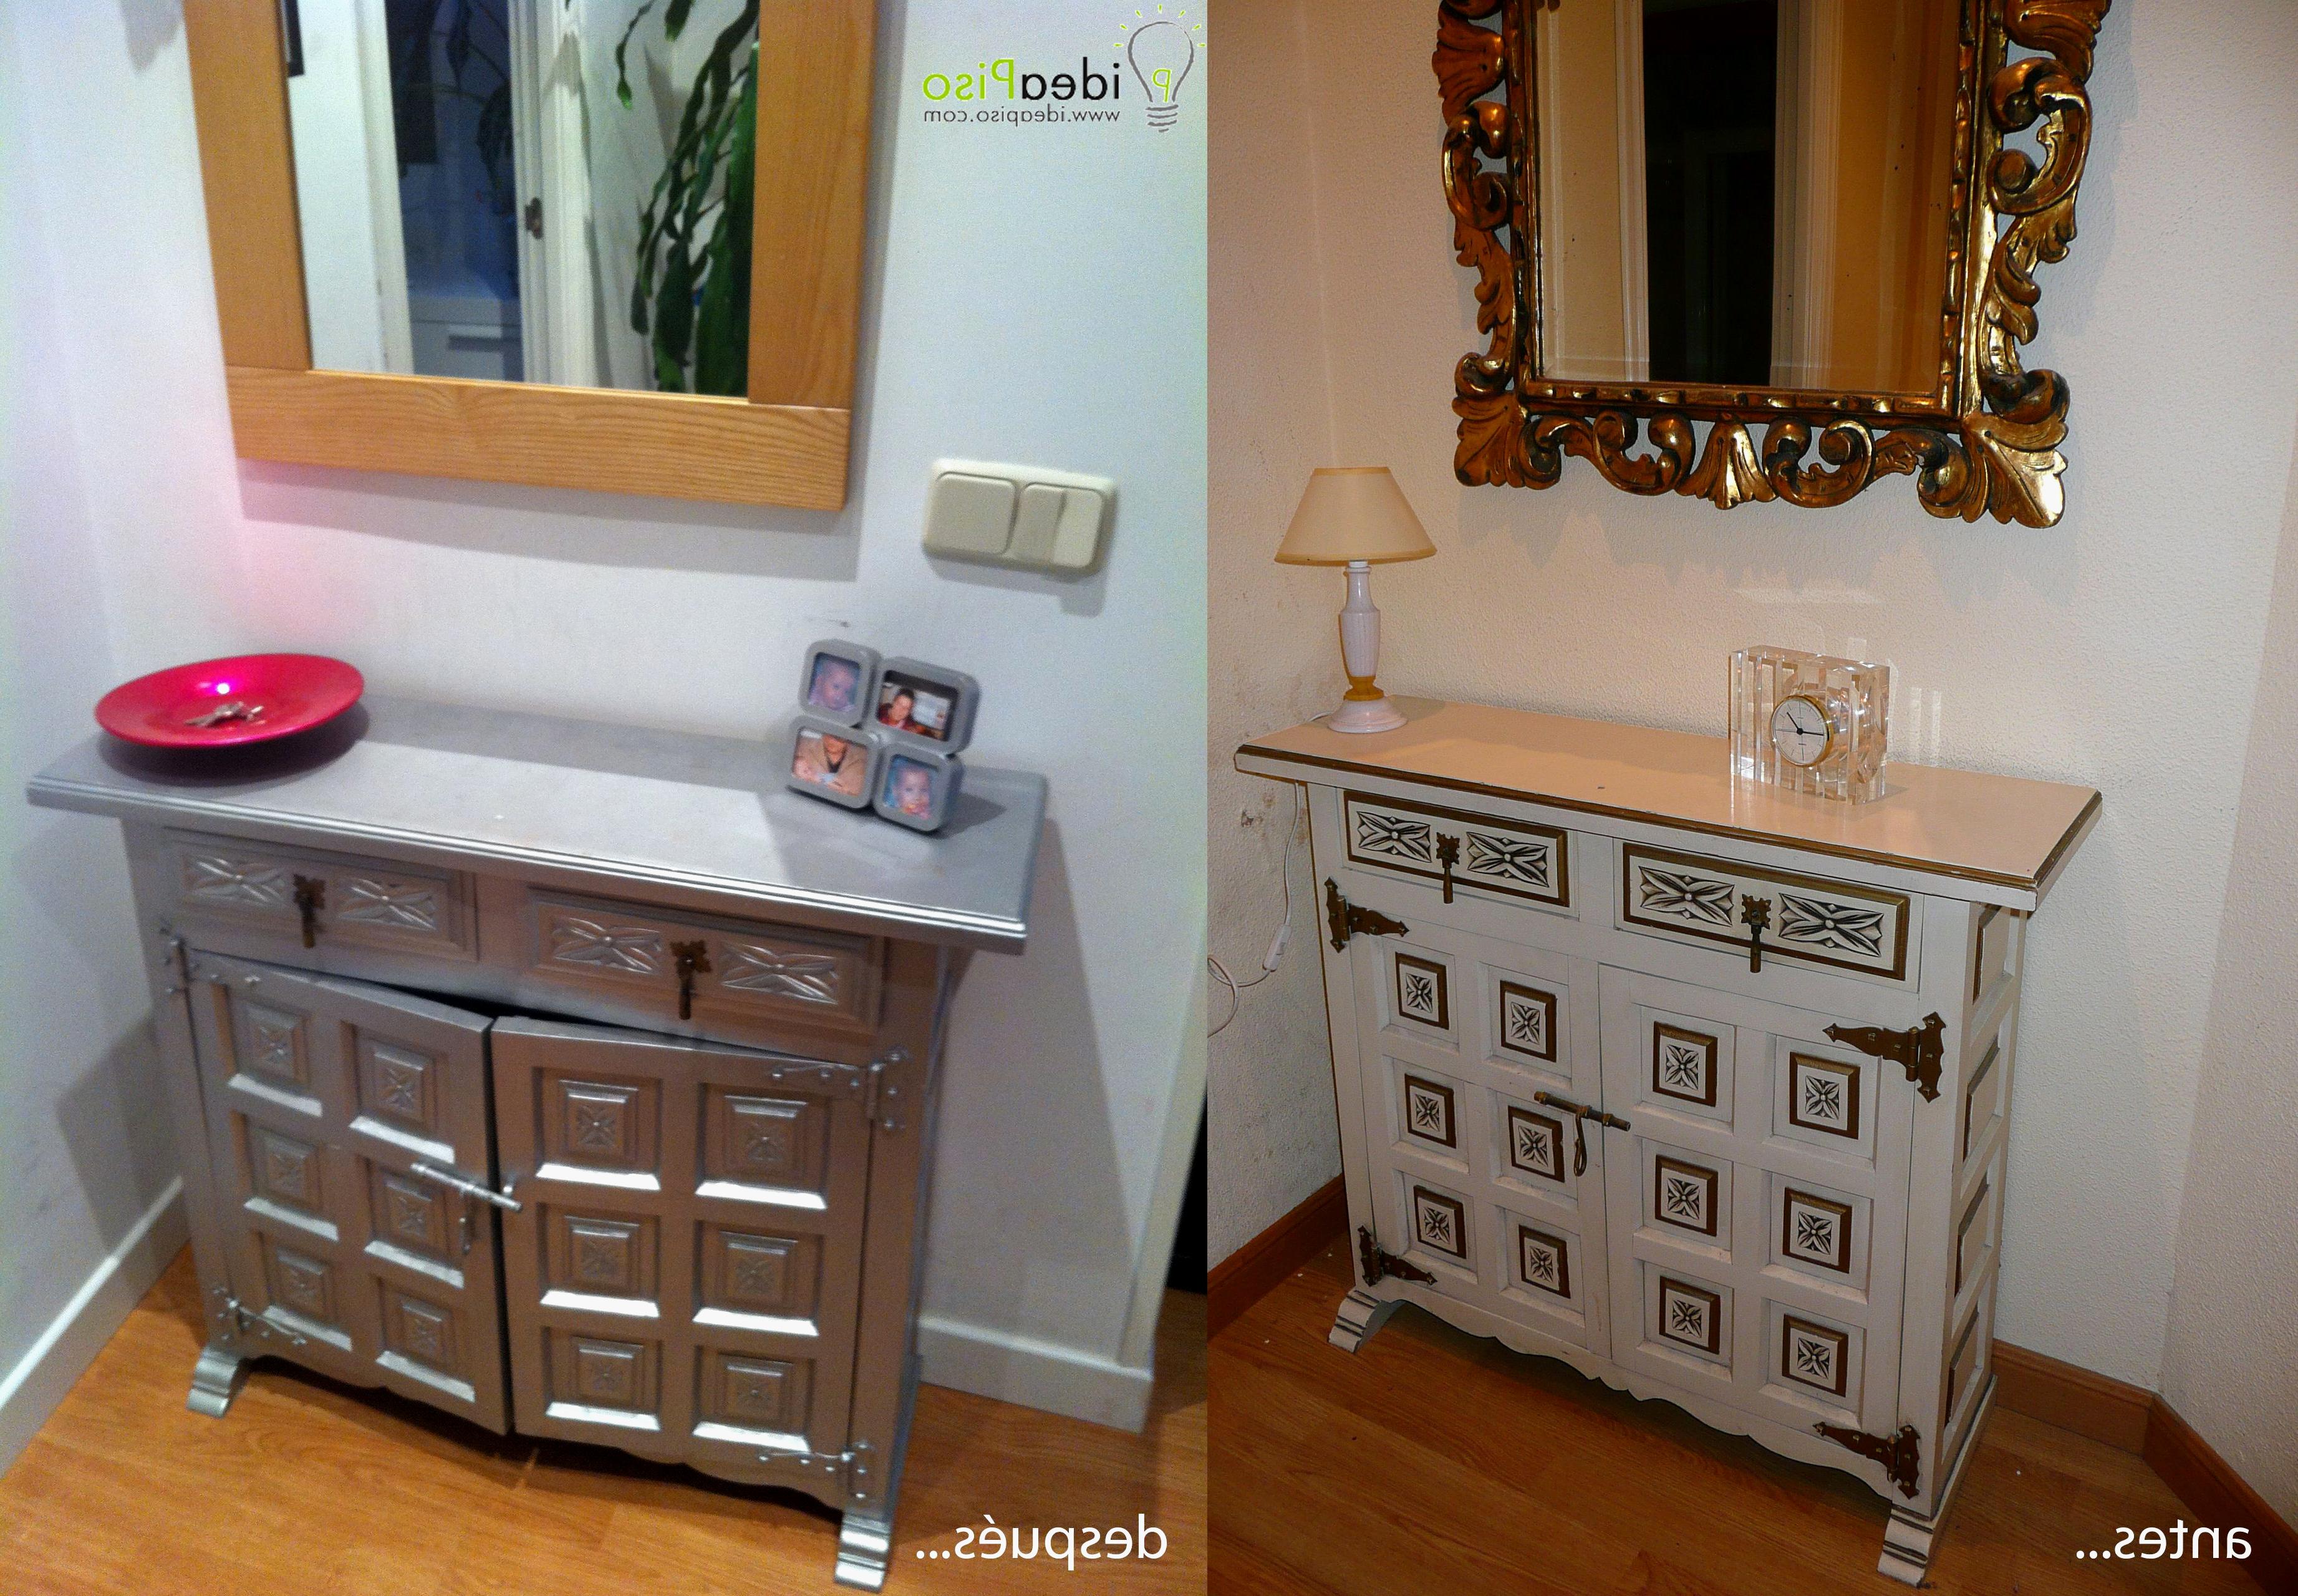 Mueble Consola Ikea 3id6 Consolas Recibidor Ikea Buenos Das Volvemos Con Un Nuevo Mueble